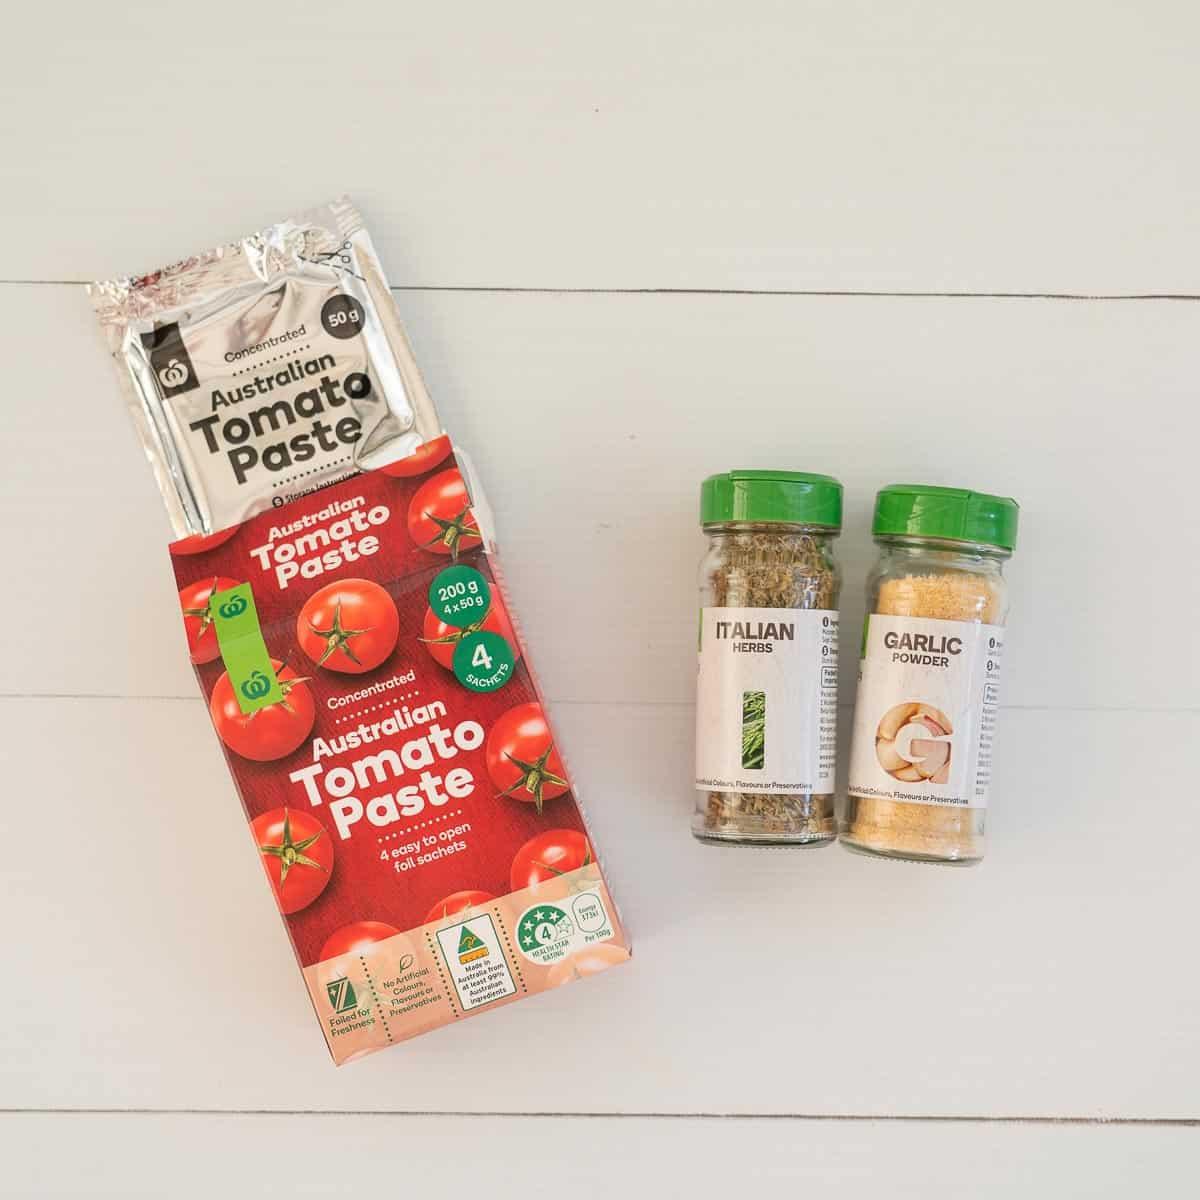 Tomato Paste, Garlic Powder, Italian Herbs